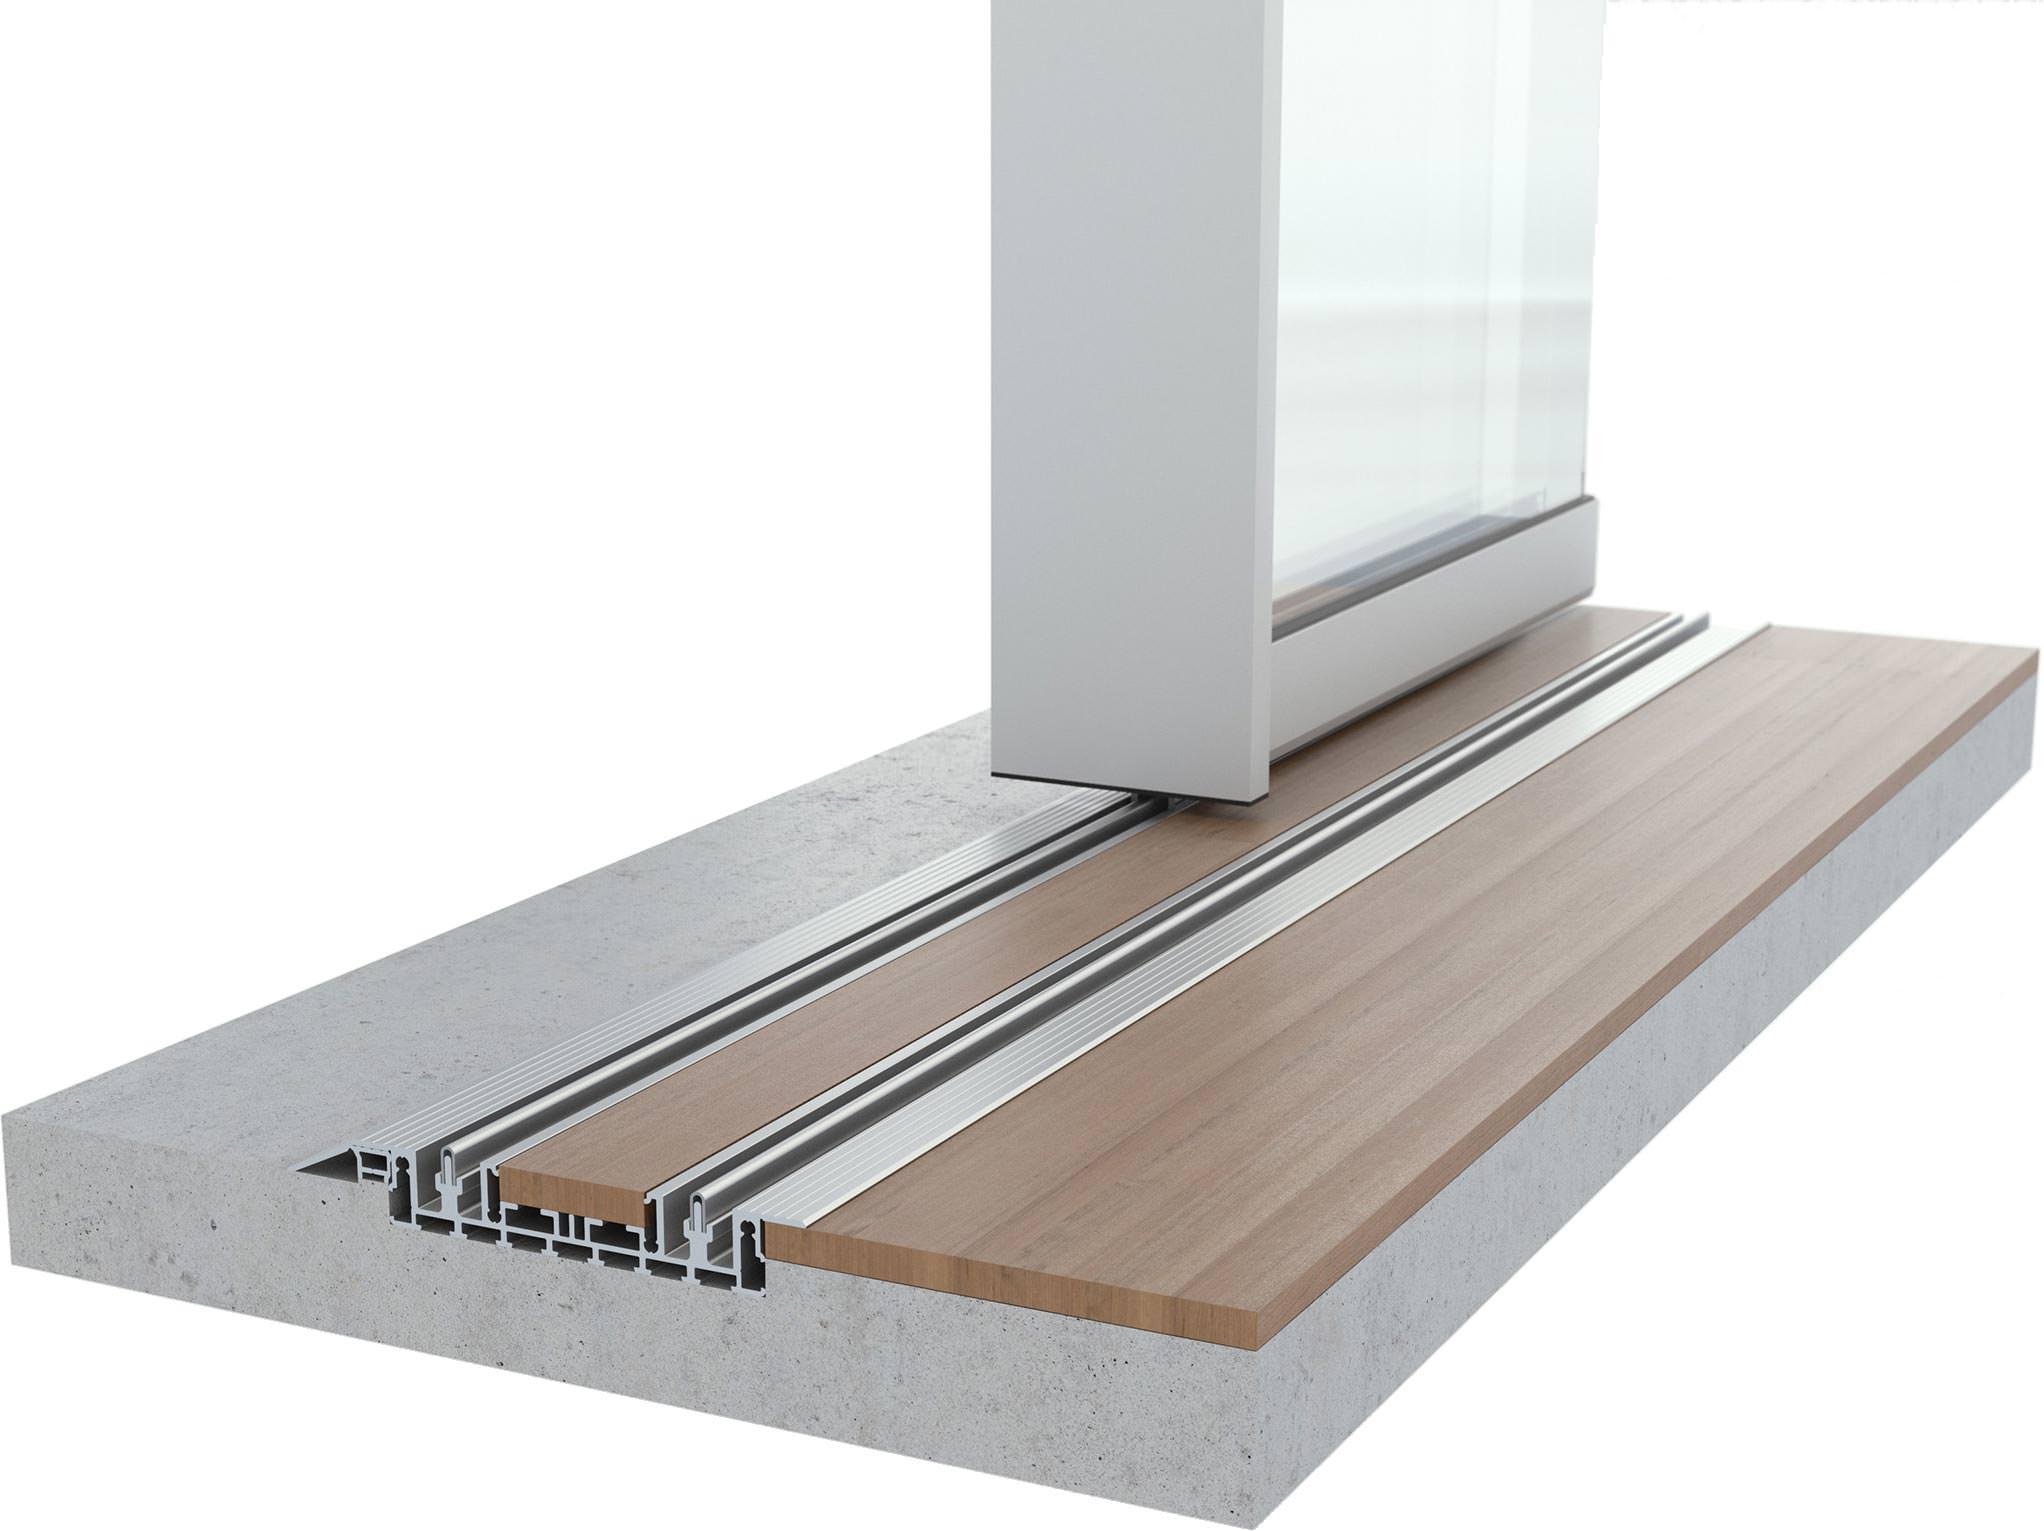 solarlux schiebefenster cero ii auch als hochtransparenter inhouse raumteiler. Black Bedroom Furniture Sets. Home Design Ideas